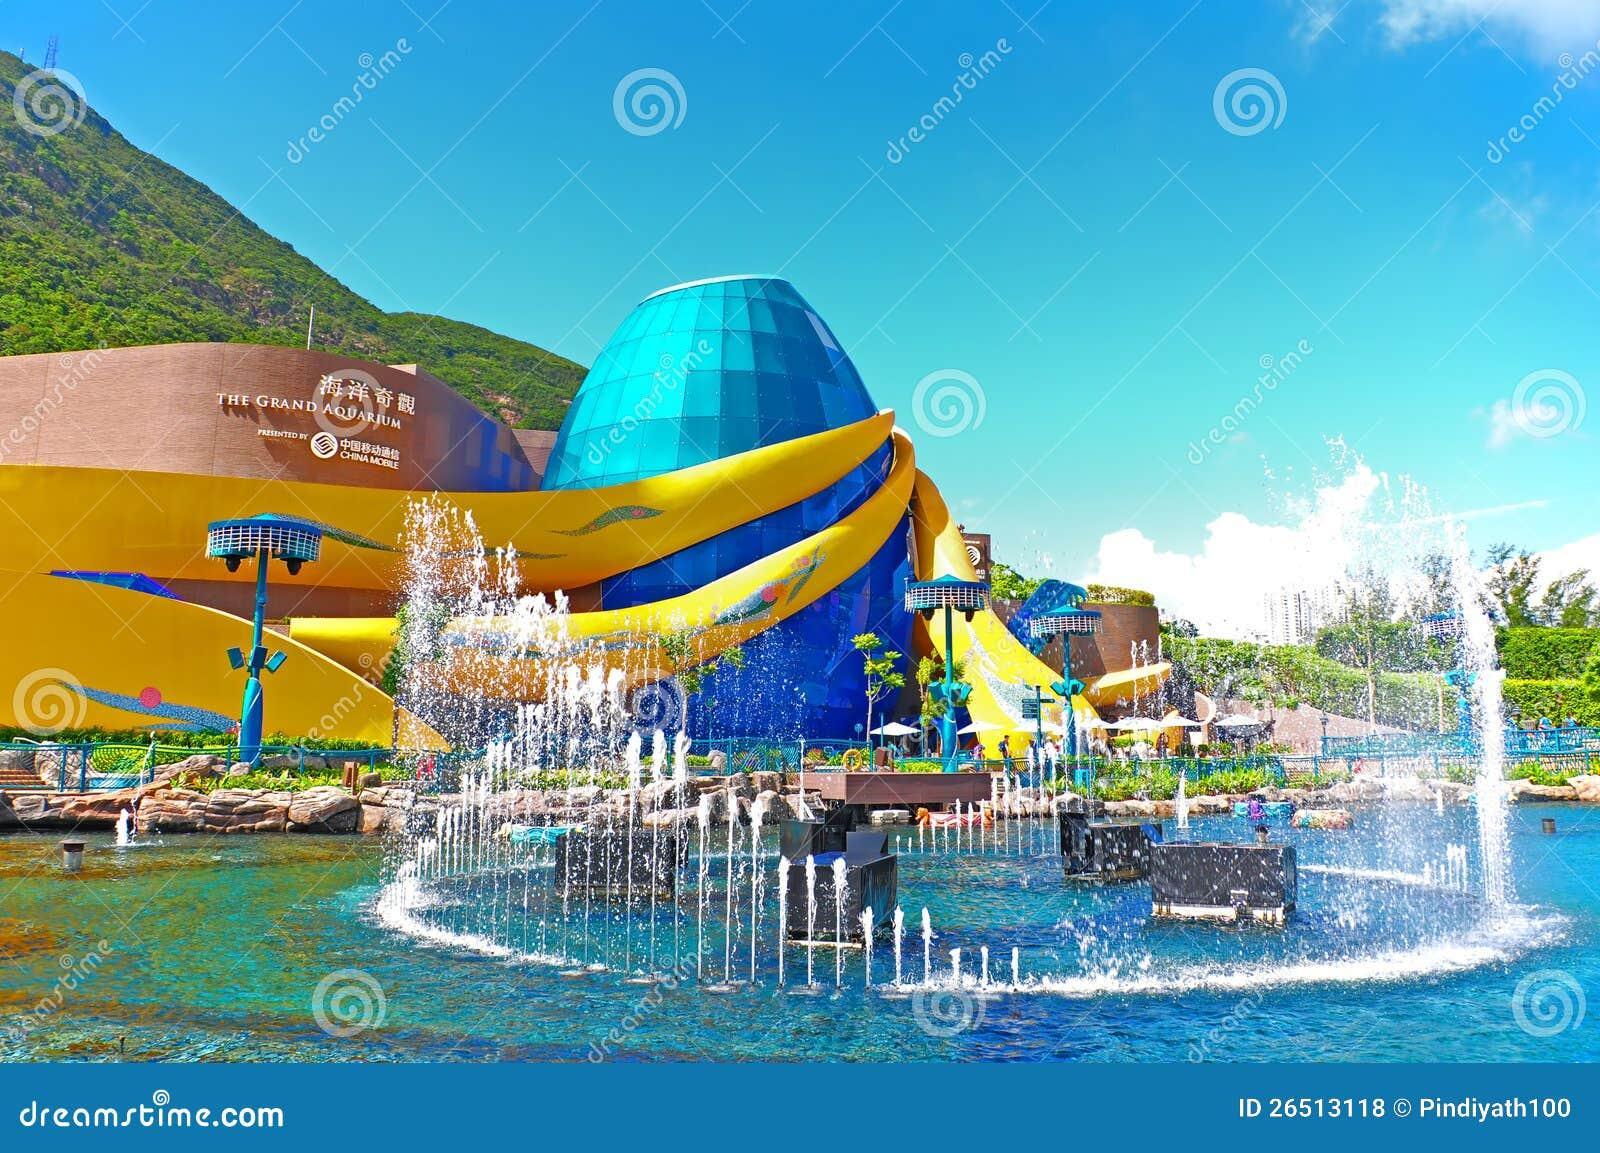 The Grand Aquarium Of Ocean Park Editorial Stock Photo